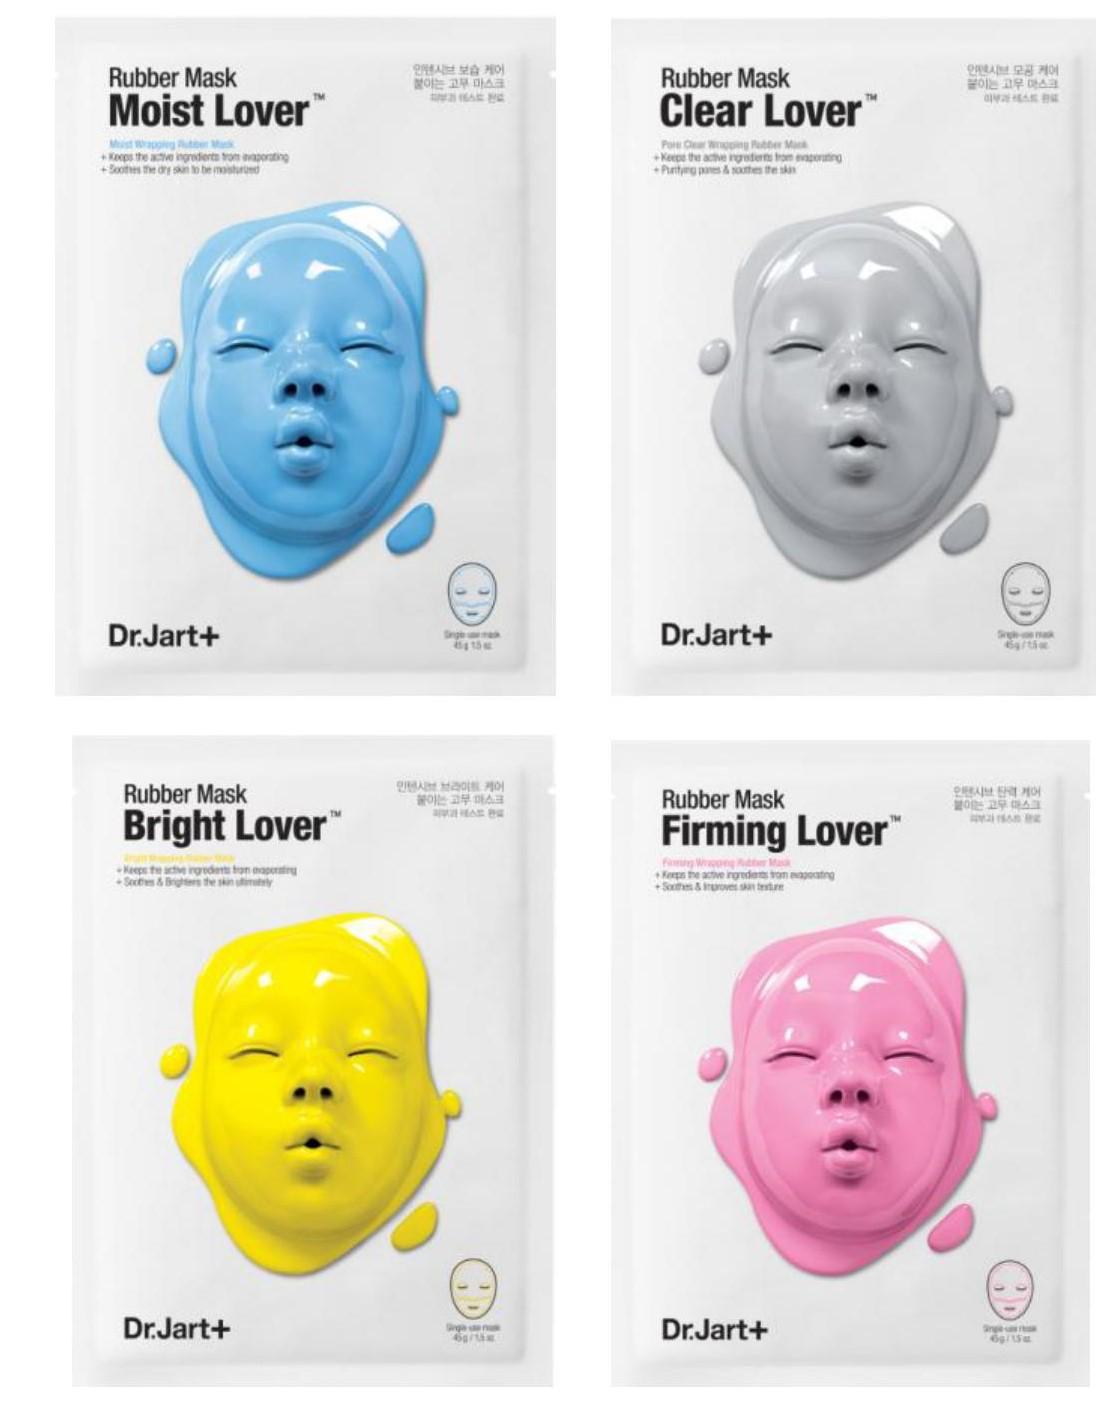 Dr.Jart+ - Rubber Mask